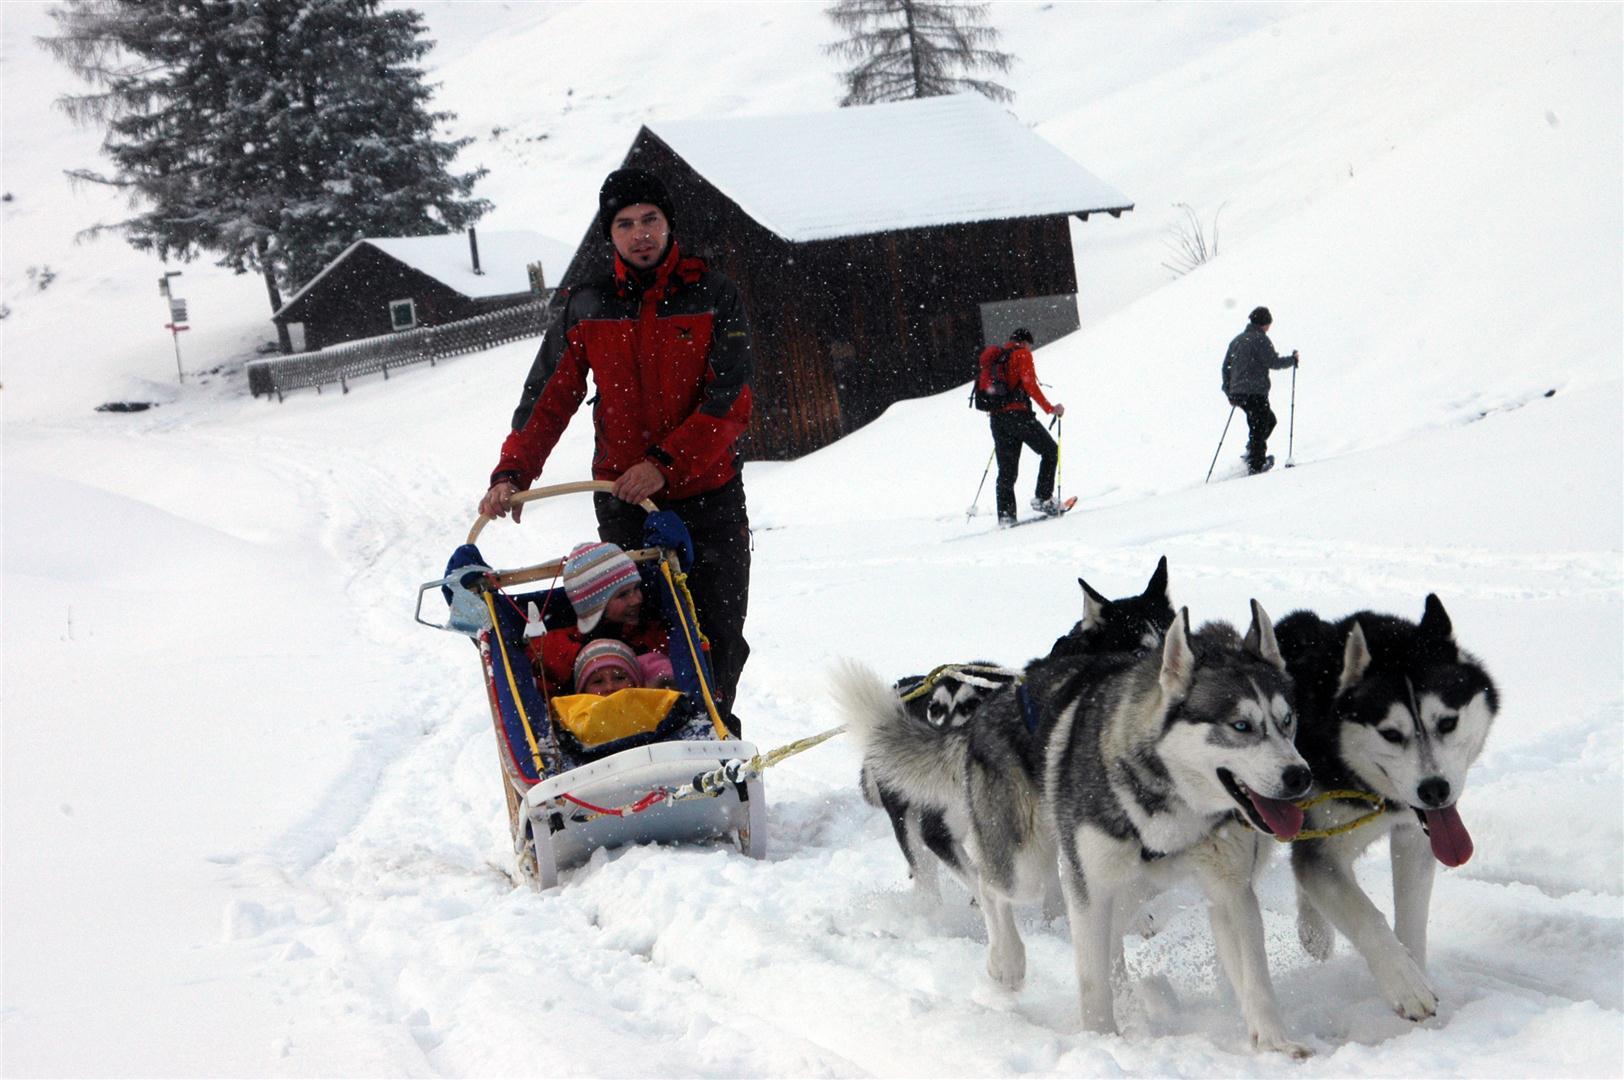 DSC_0373-niko von arctic wolf kennel gespann (Large)